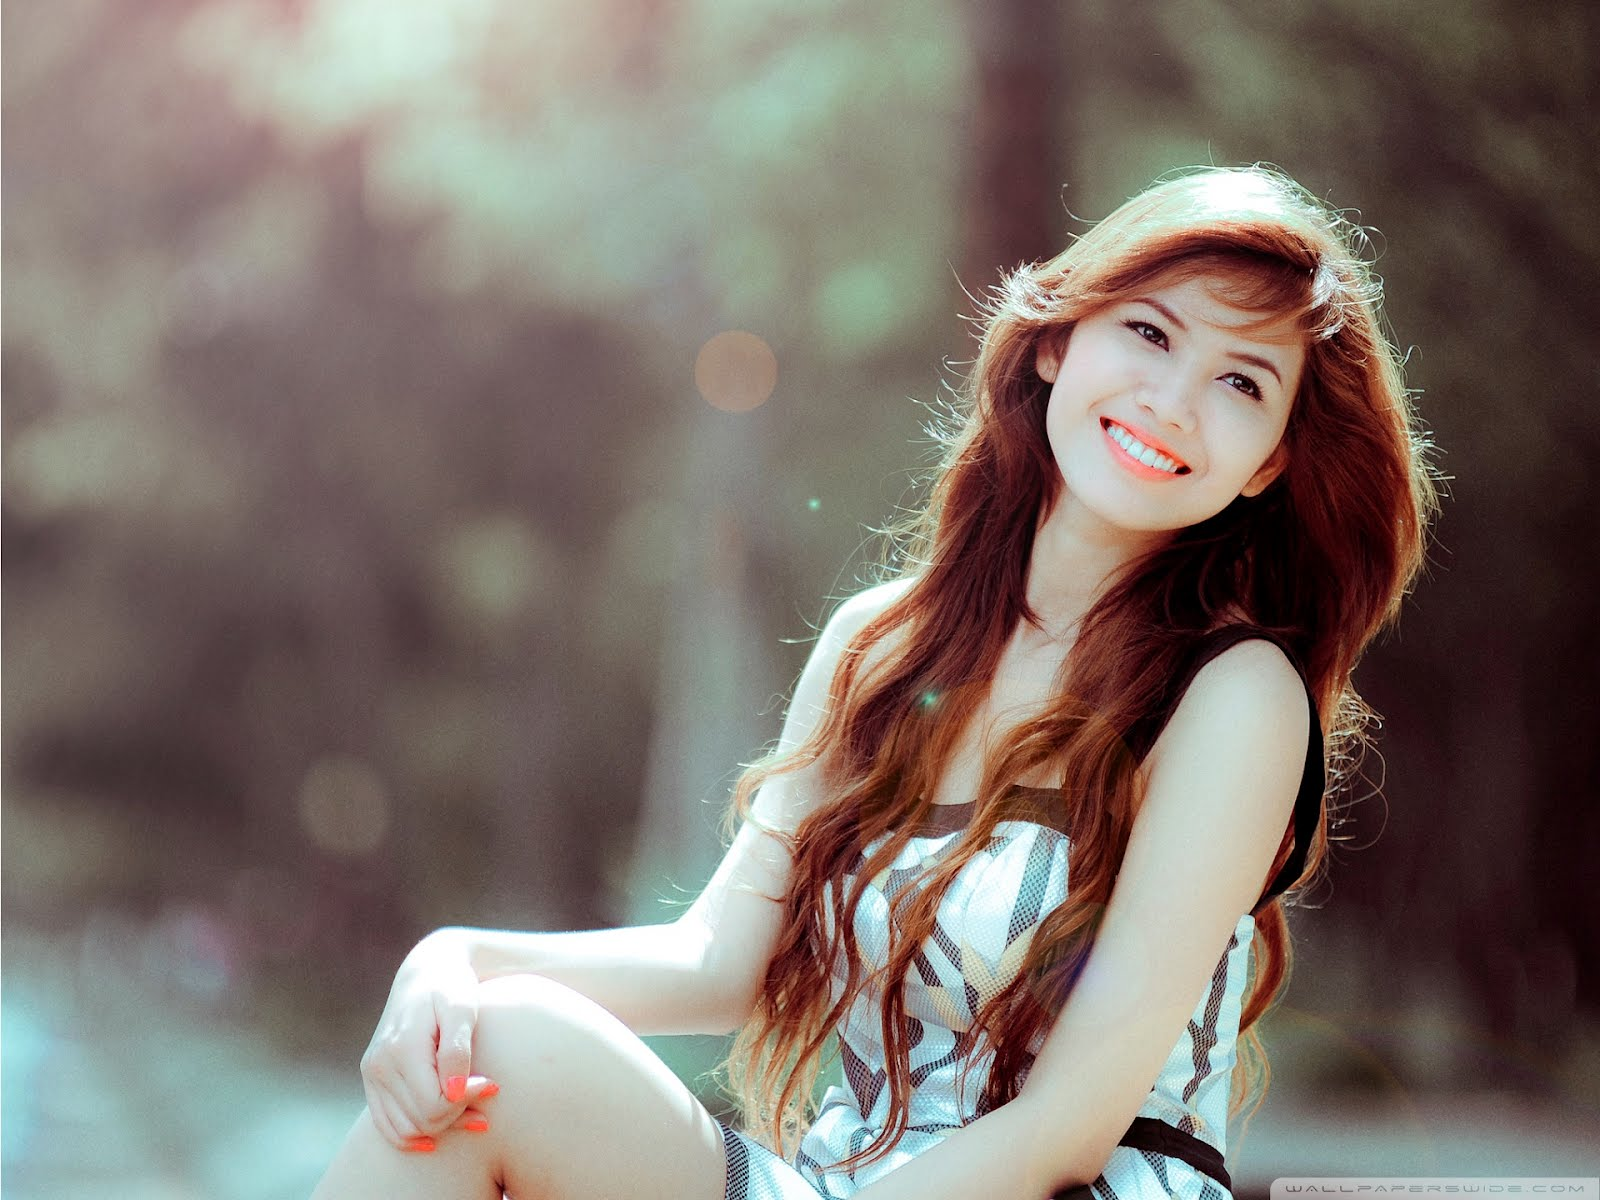 http://1.bp.blogspot.com/-7cY-Y8CK2Fo/UAztZxUXdKI/AAAAAAAAJ-U/NbloRcyB1Yw/s1600/sweet_hd_girls_wallpaper.jpg